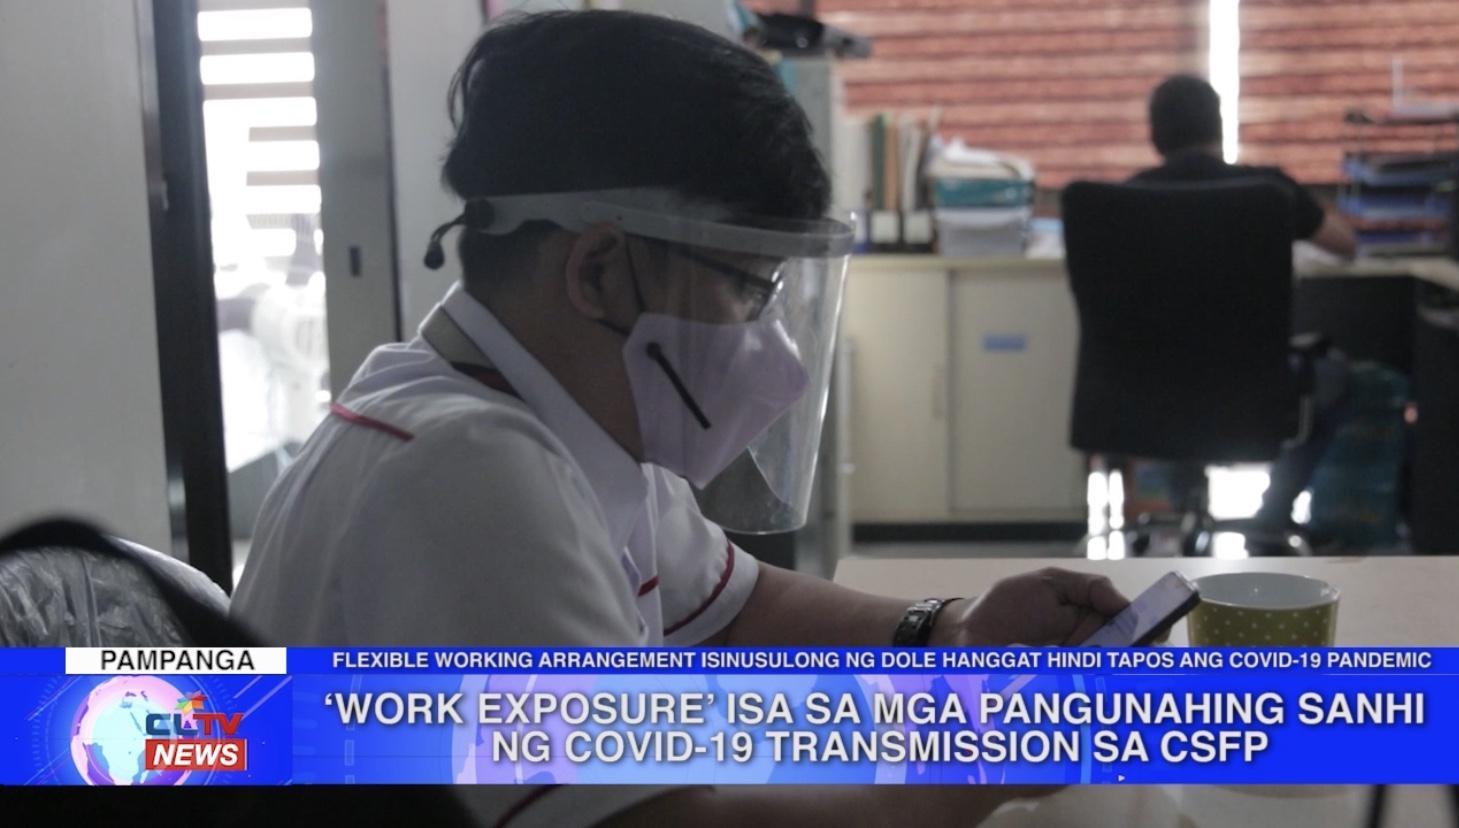 'Work exposure' isa sa mga pangunahing sanhi ng COVID-19 transmission sa City of San Fernando, Pampanga